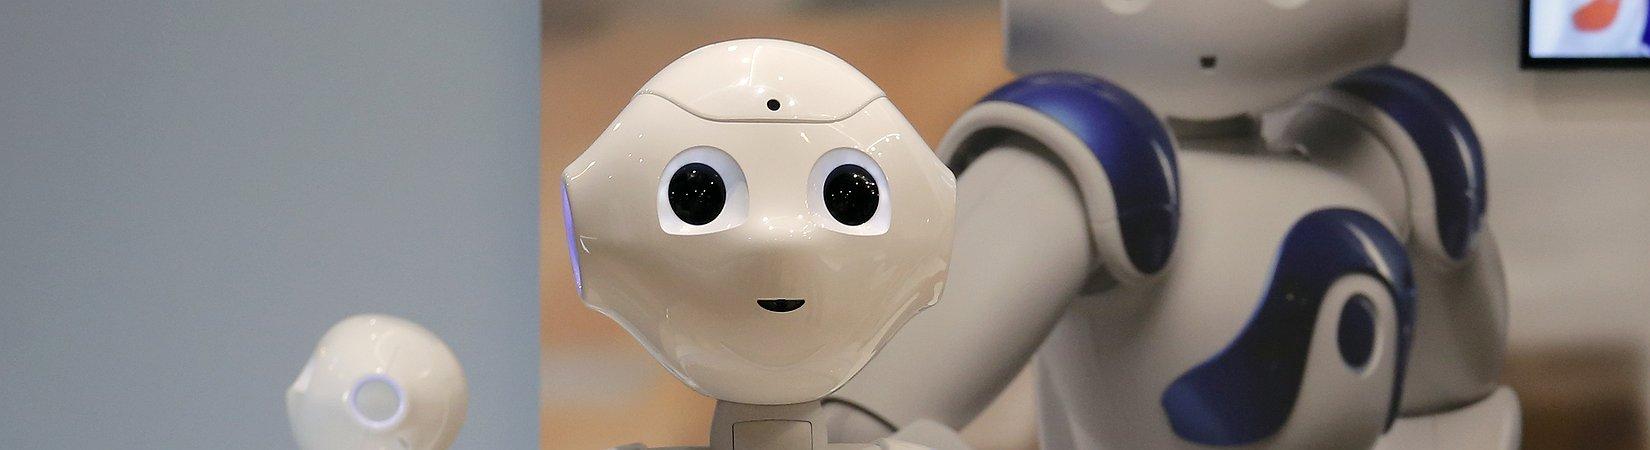 Cómo convertir a un robot en un ciudadano que respete la ley